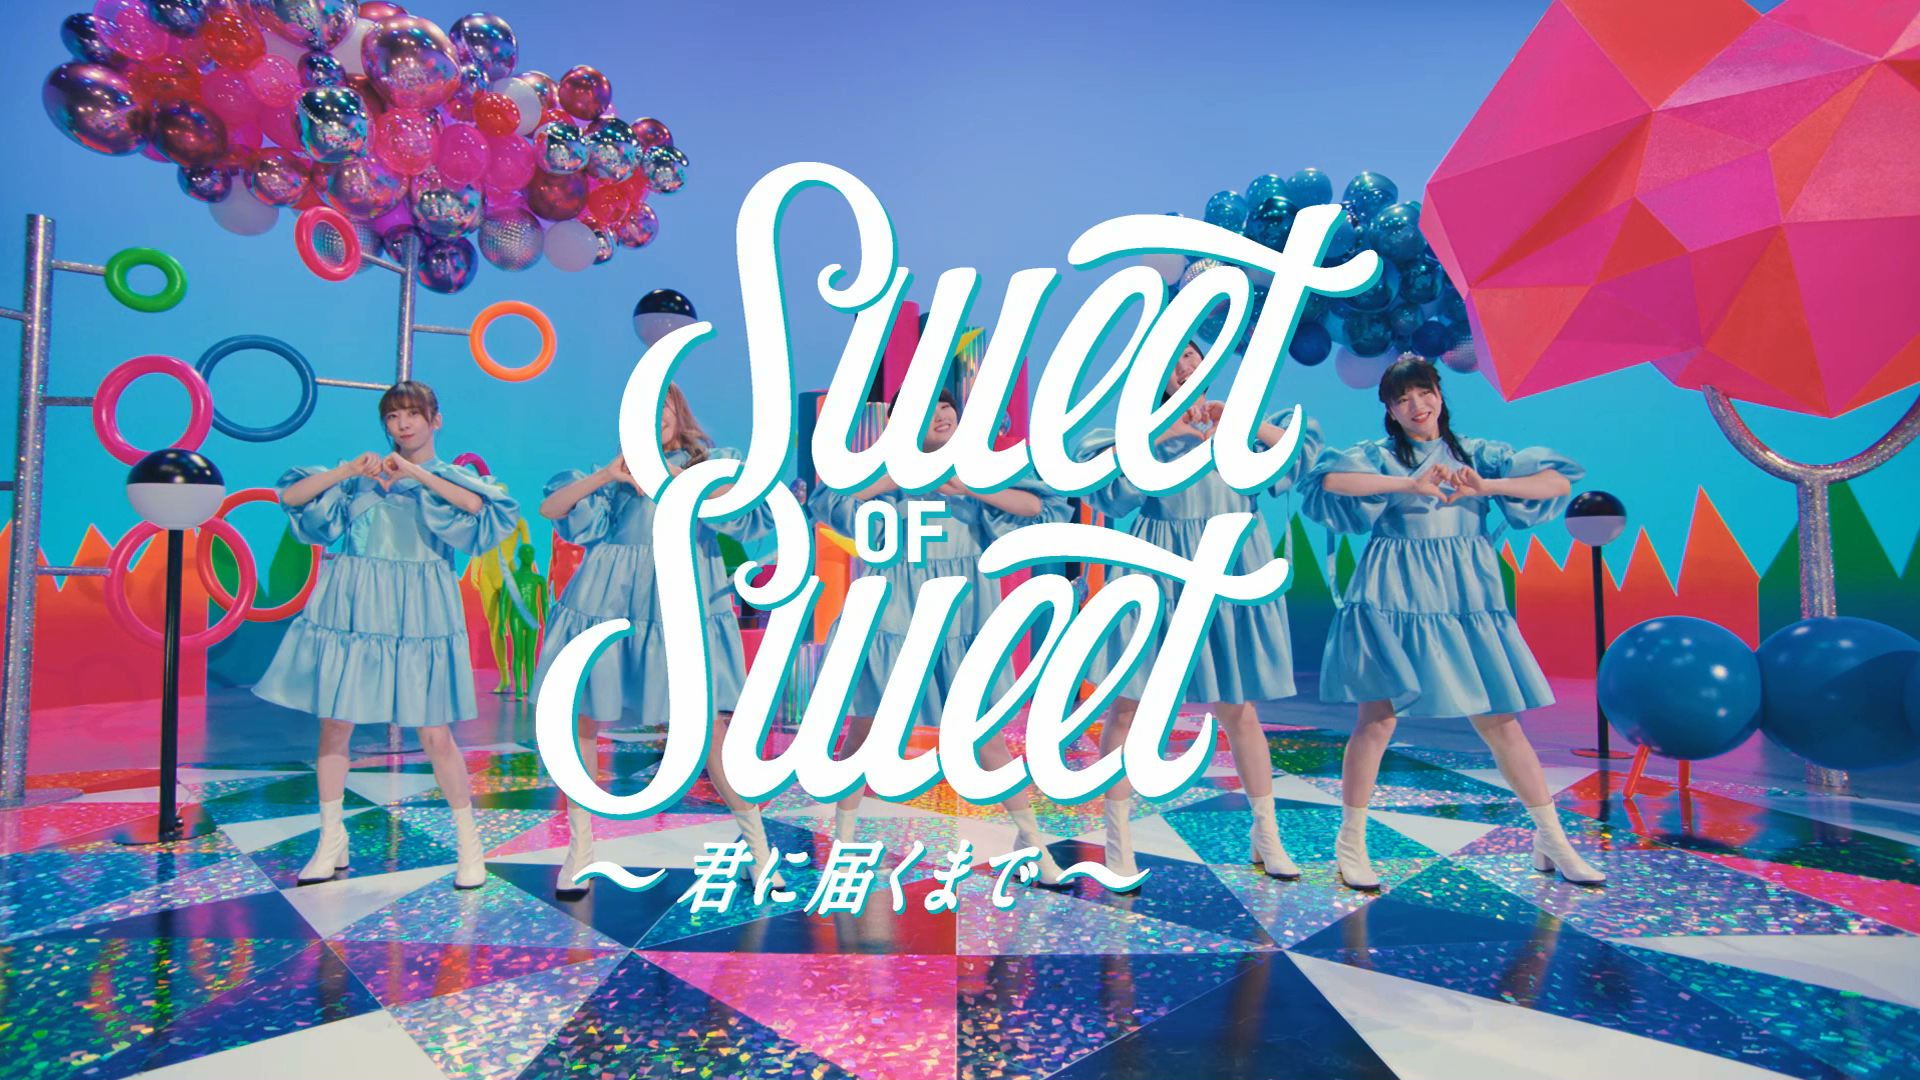 クボタ LOVE水プロジェクト「Sweet of Sweet 〜君に届くまで〜」私立恵比寿中学